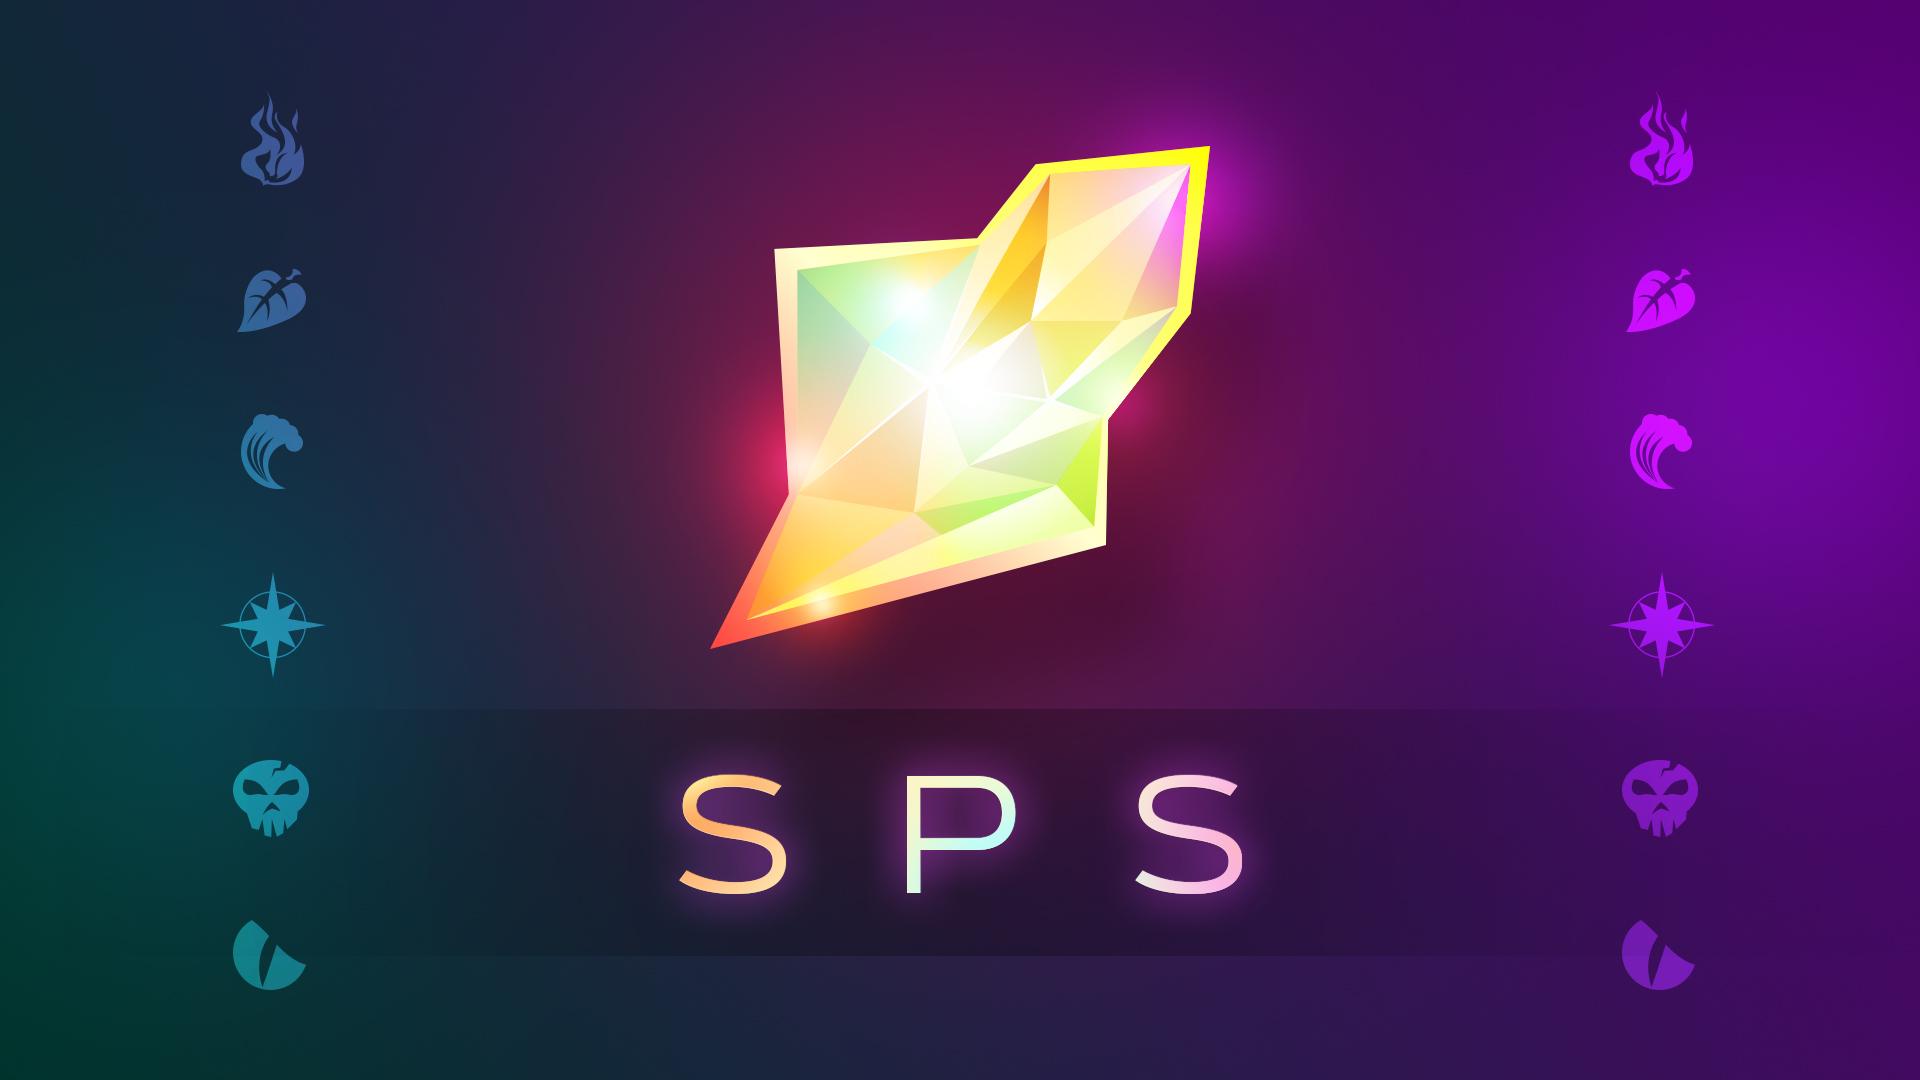 social_sps.jpg